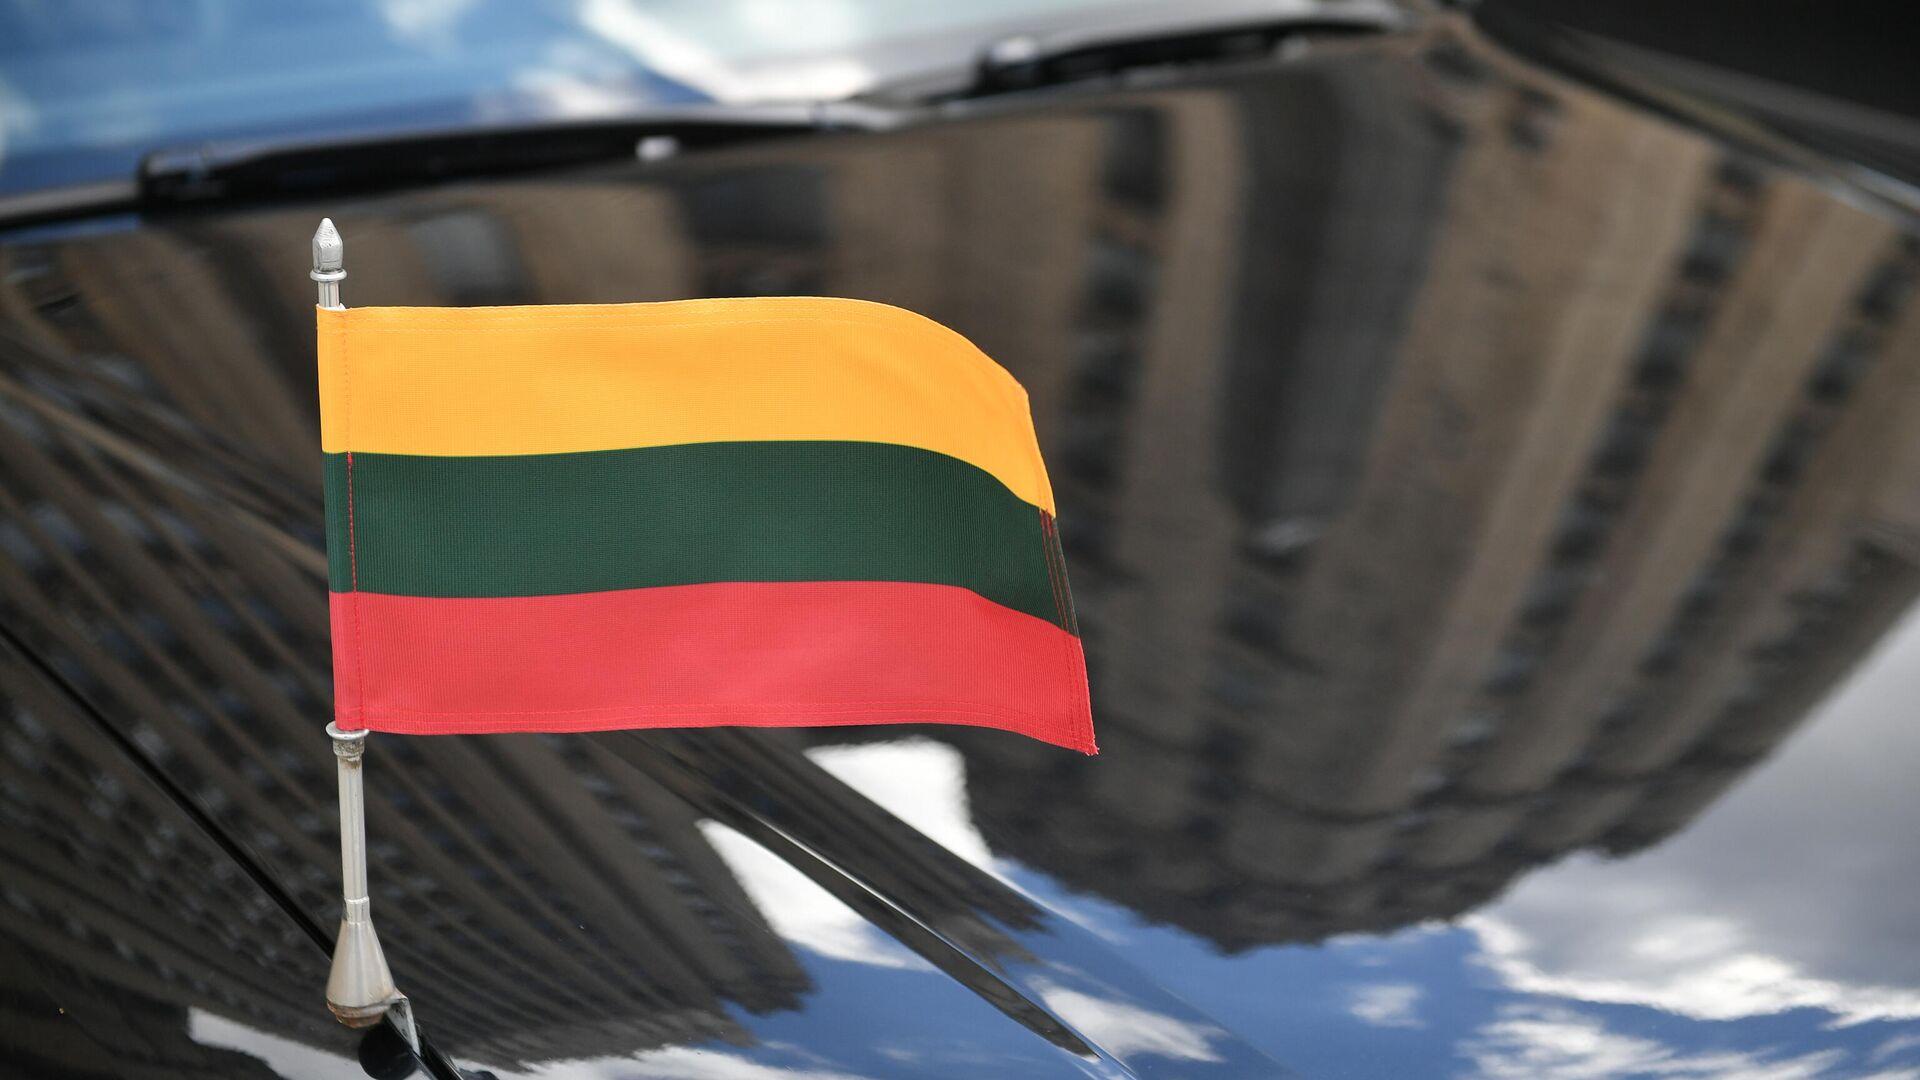 Автомобиль посла Литвы у здания МИД РФ в Москве - РИА Новости, 1920, 11.08.2021